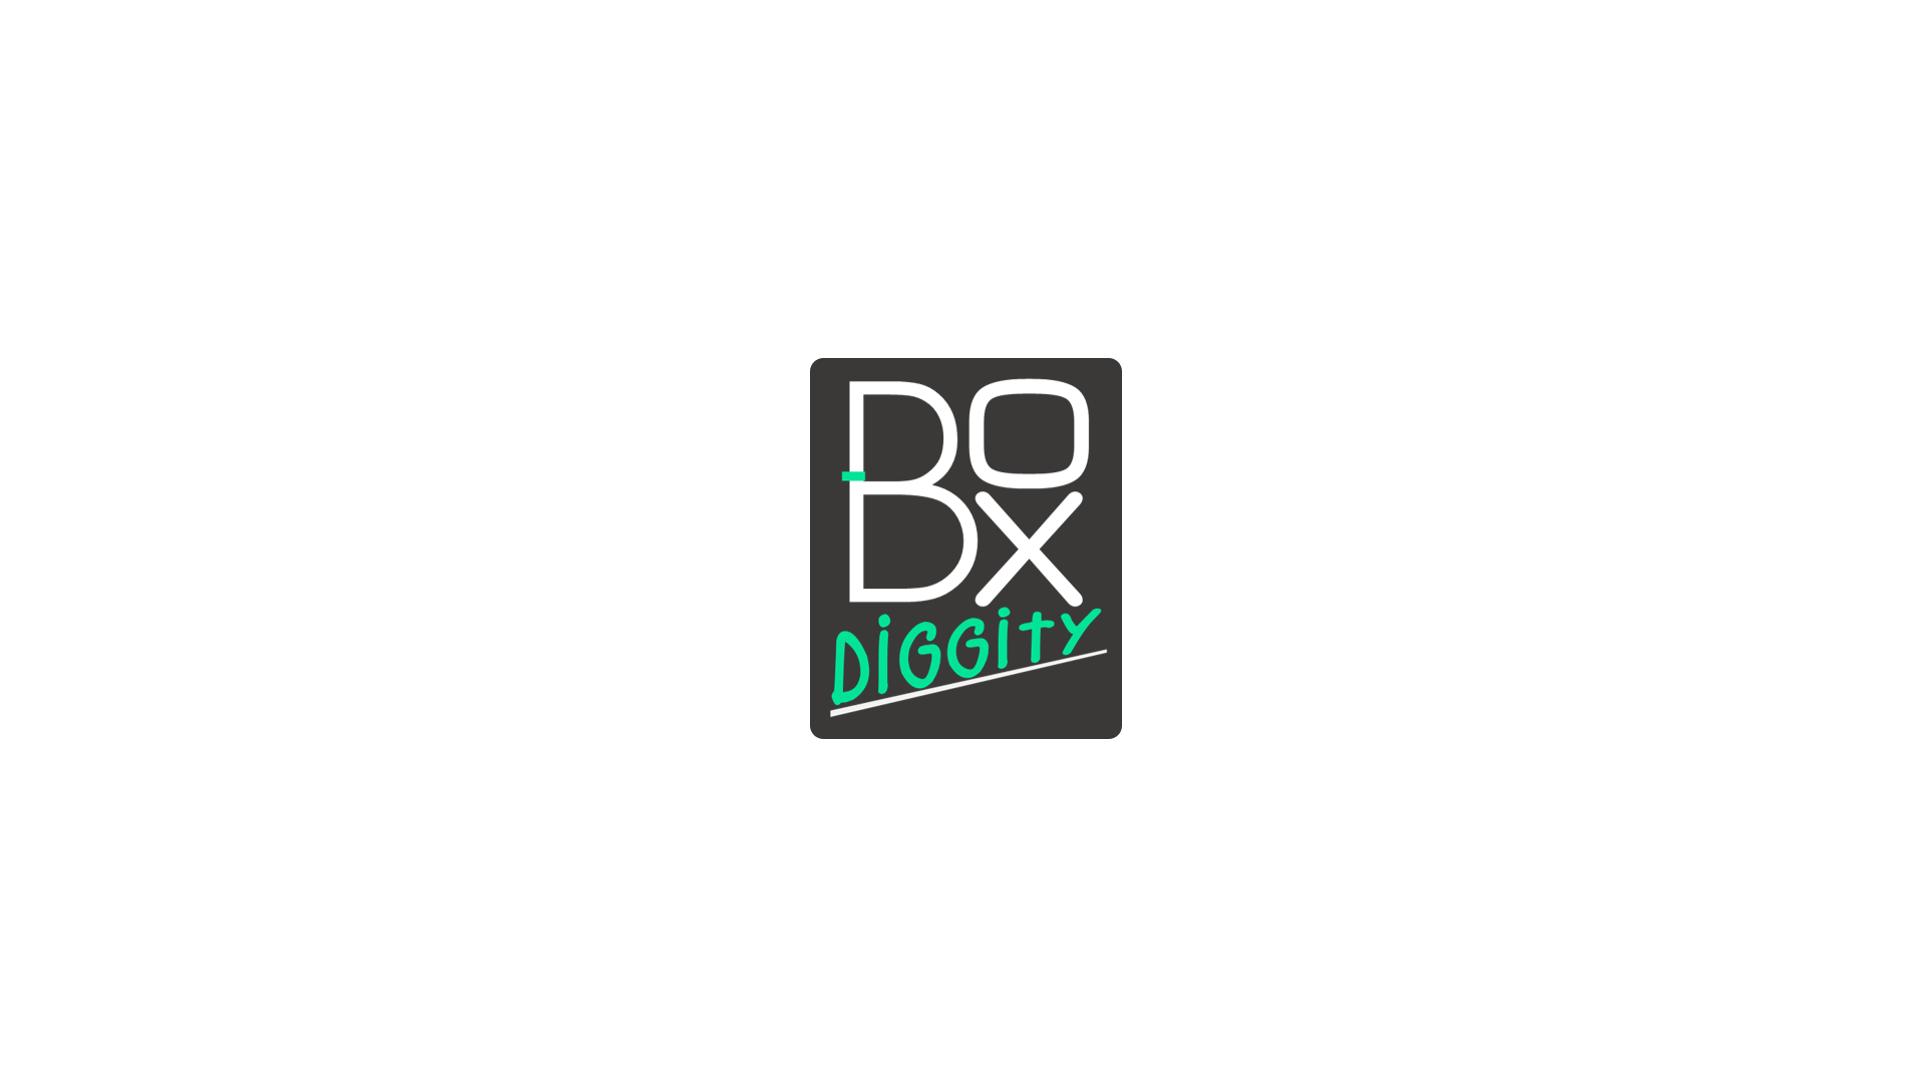 boxdiggity